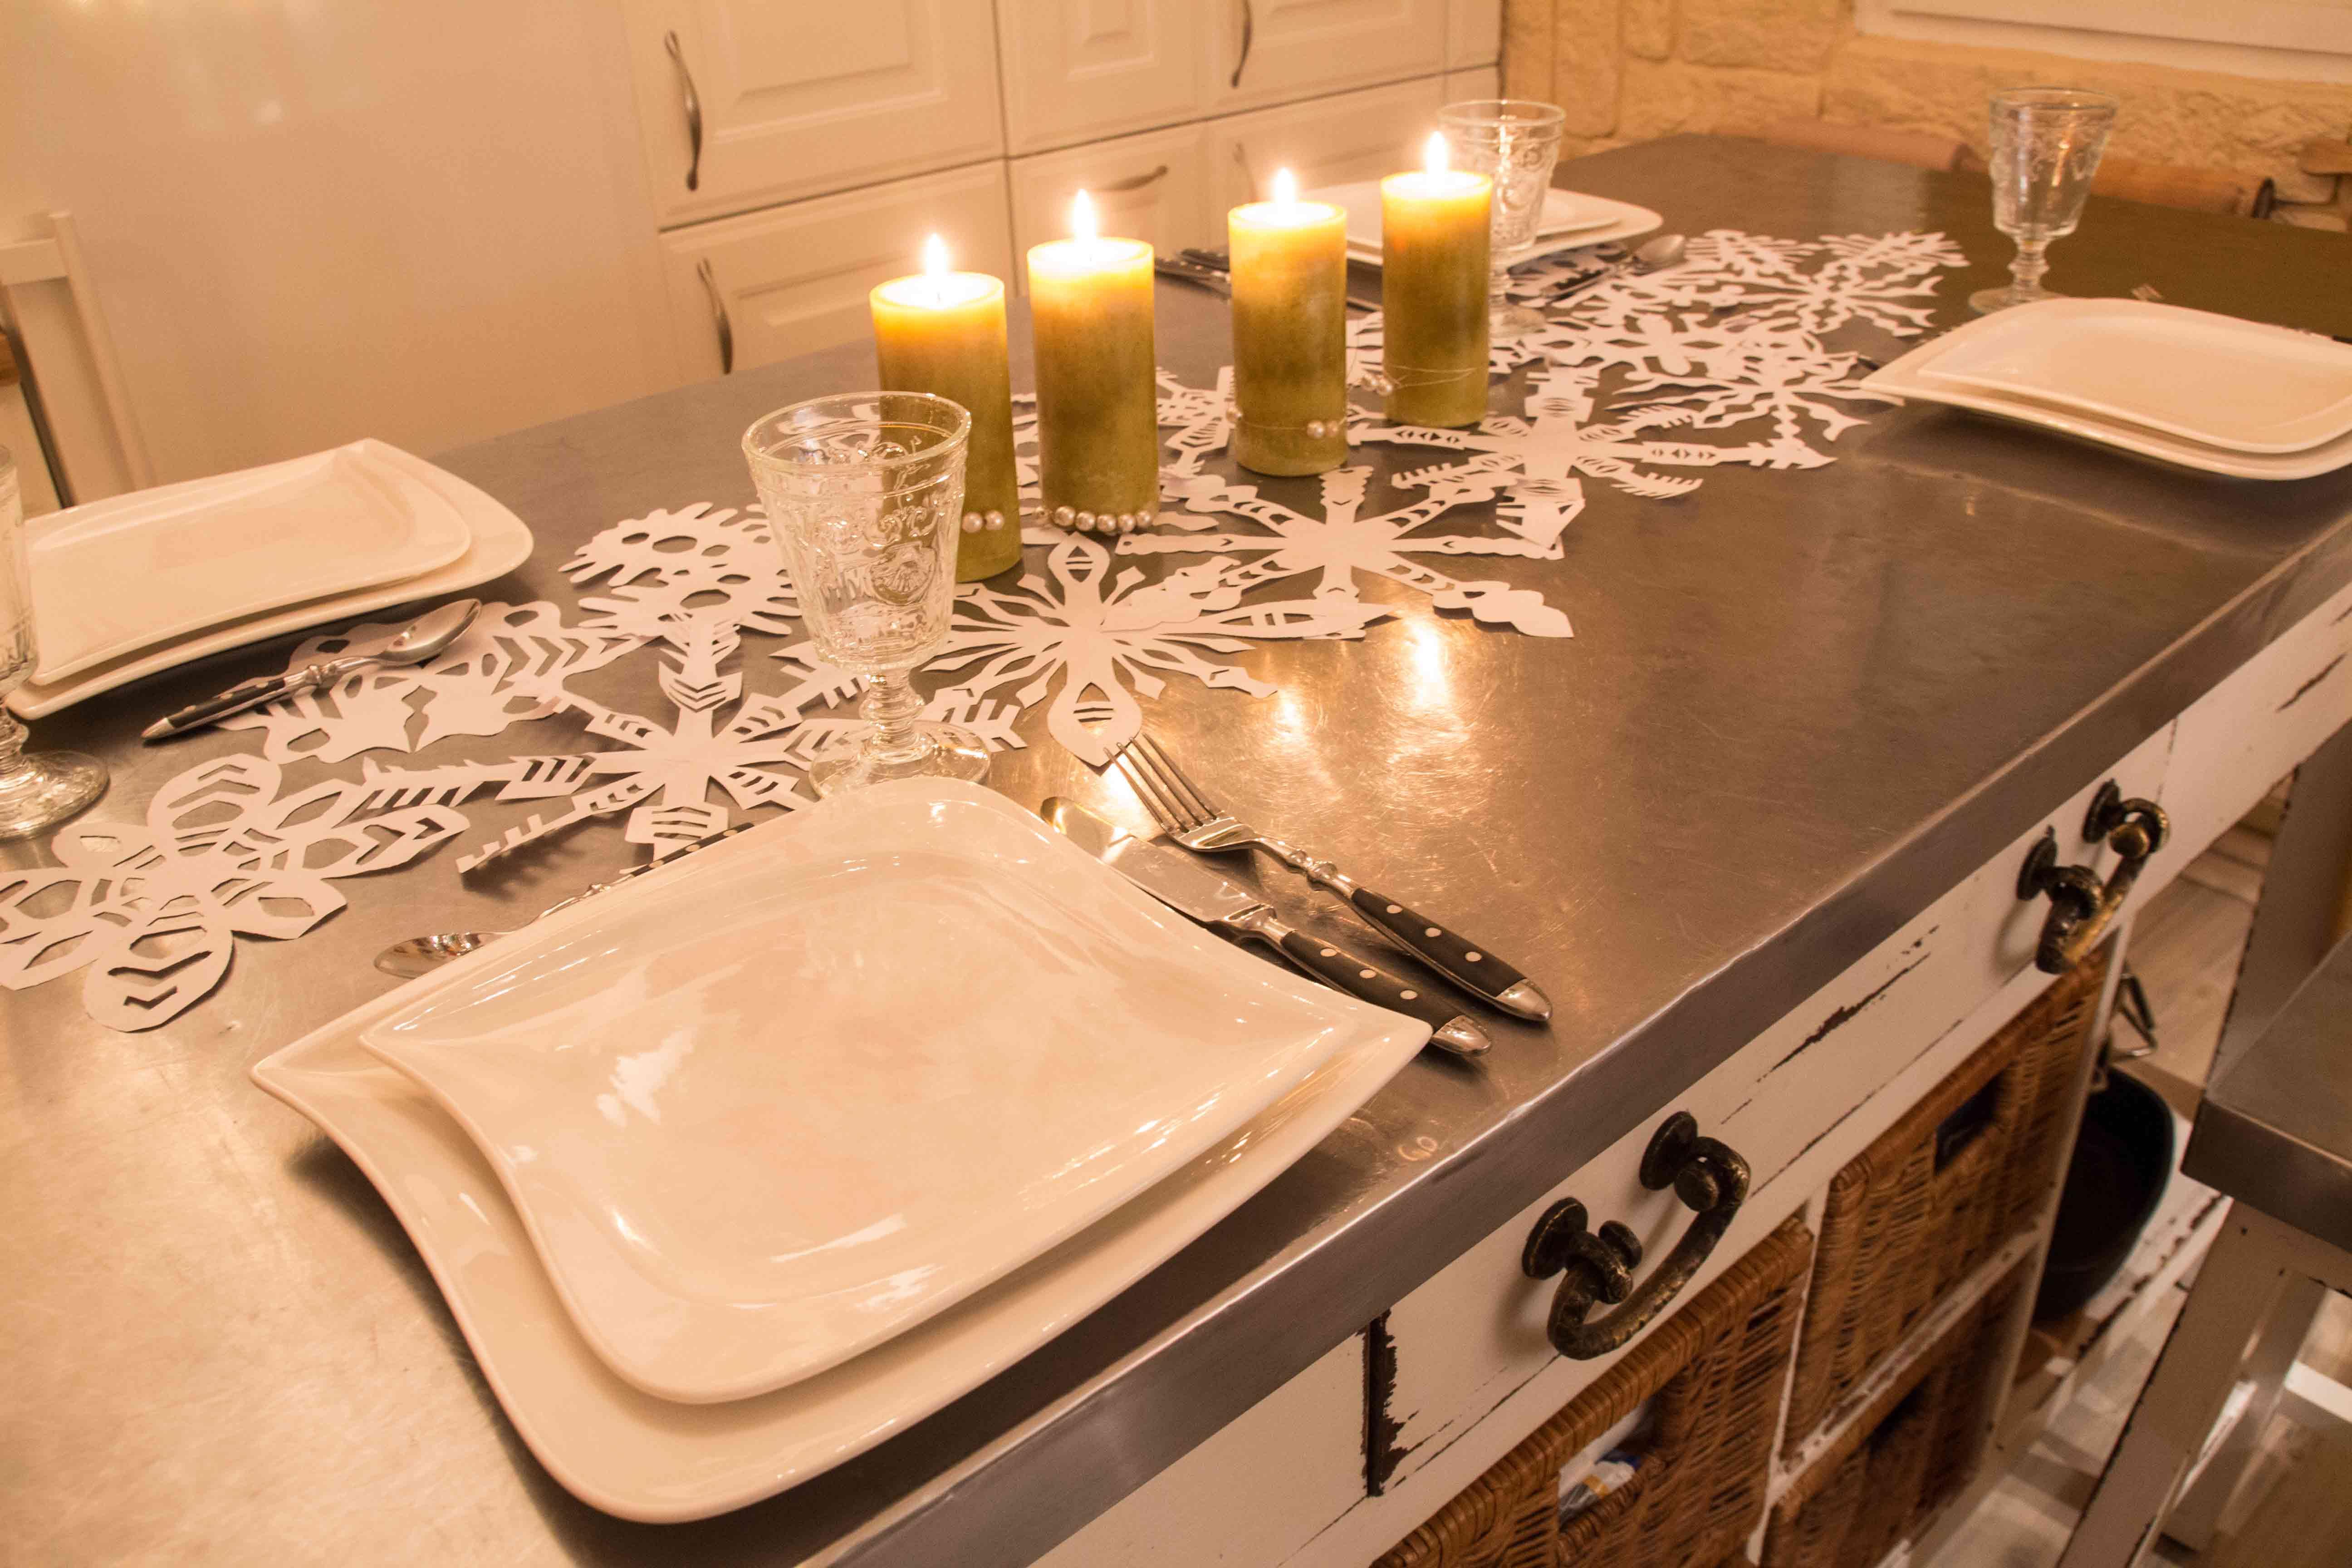 Der SoLebIchAdventskalender Weihnachtliche Tischdeko mit Papier Schneeflocken von wunderklee